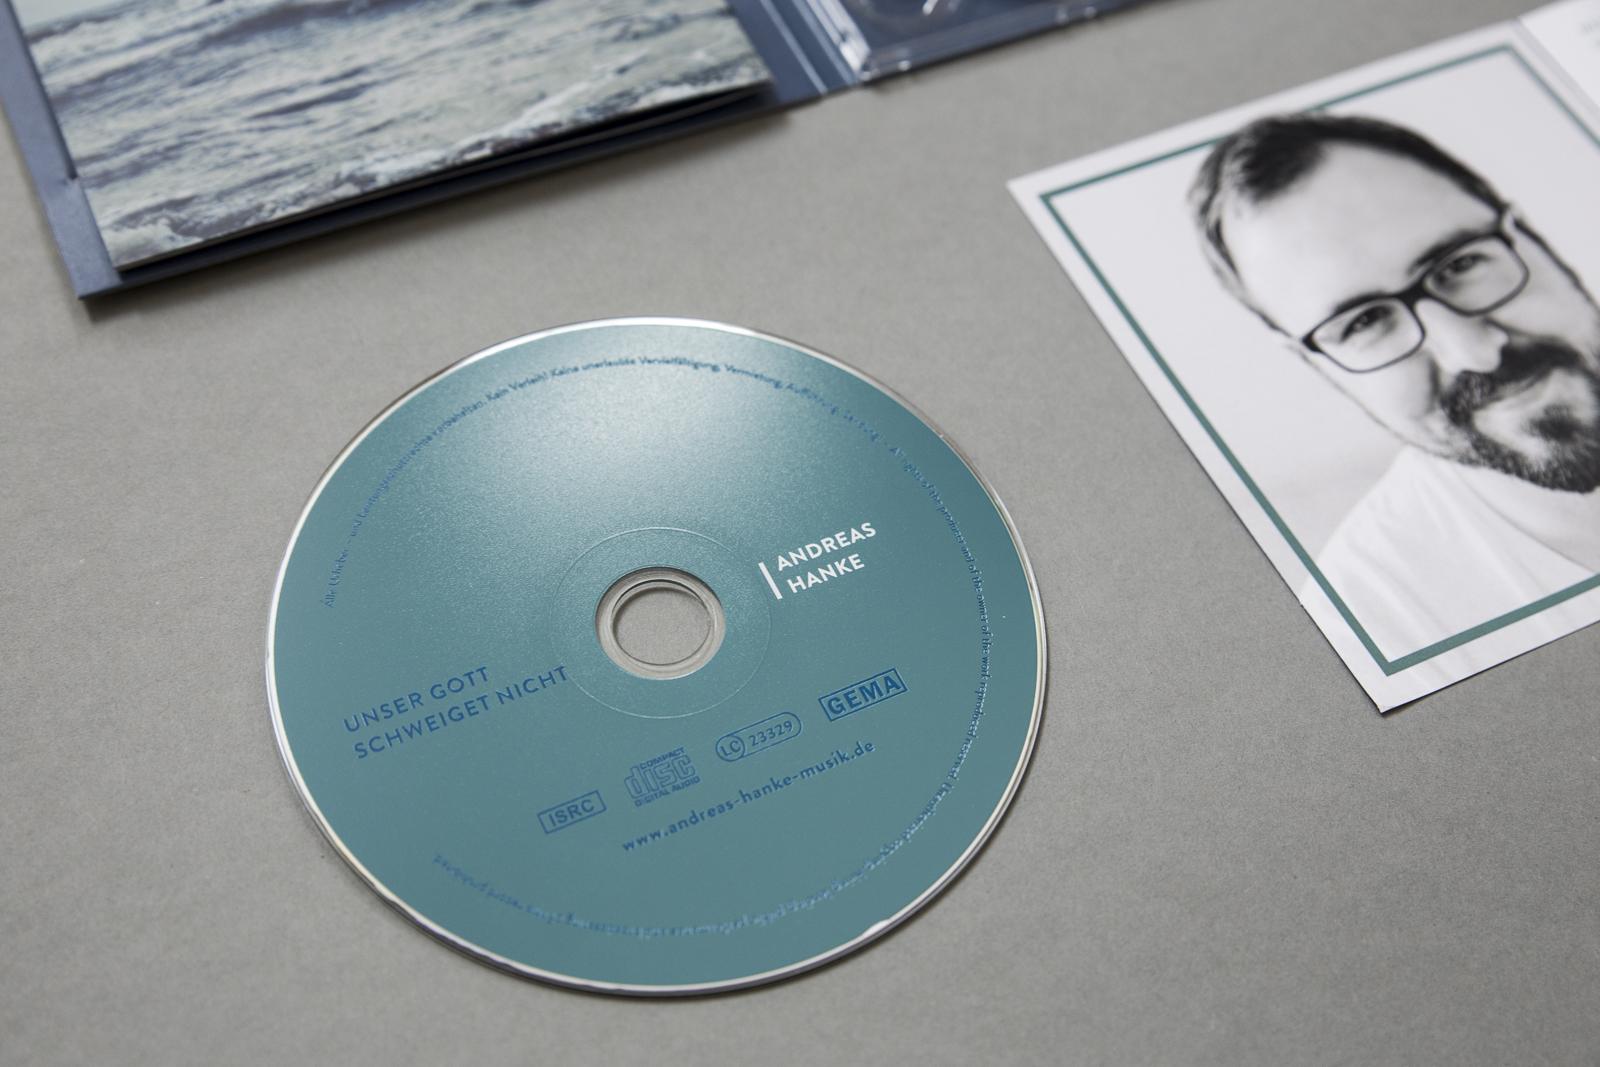 2_Andreas Hanke CD__MG_9255_bearbeitet_web